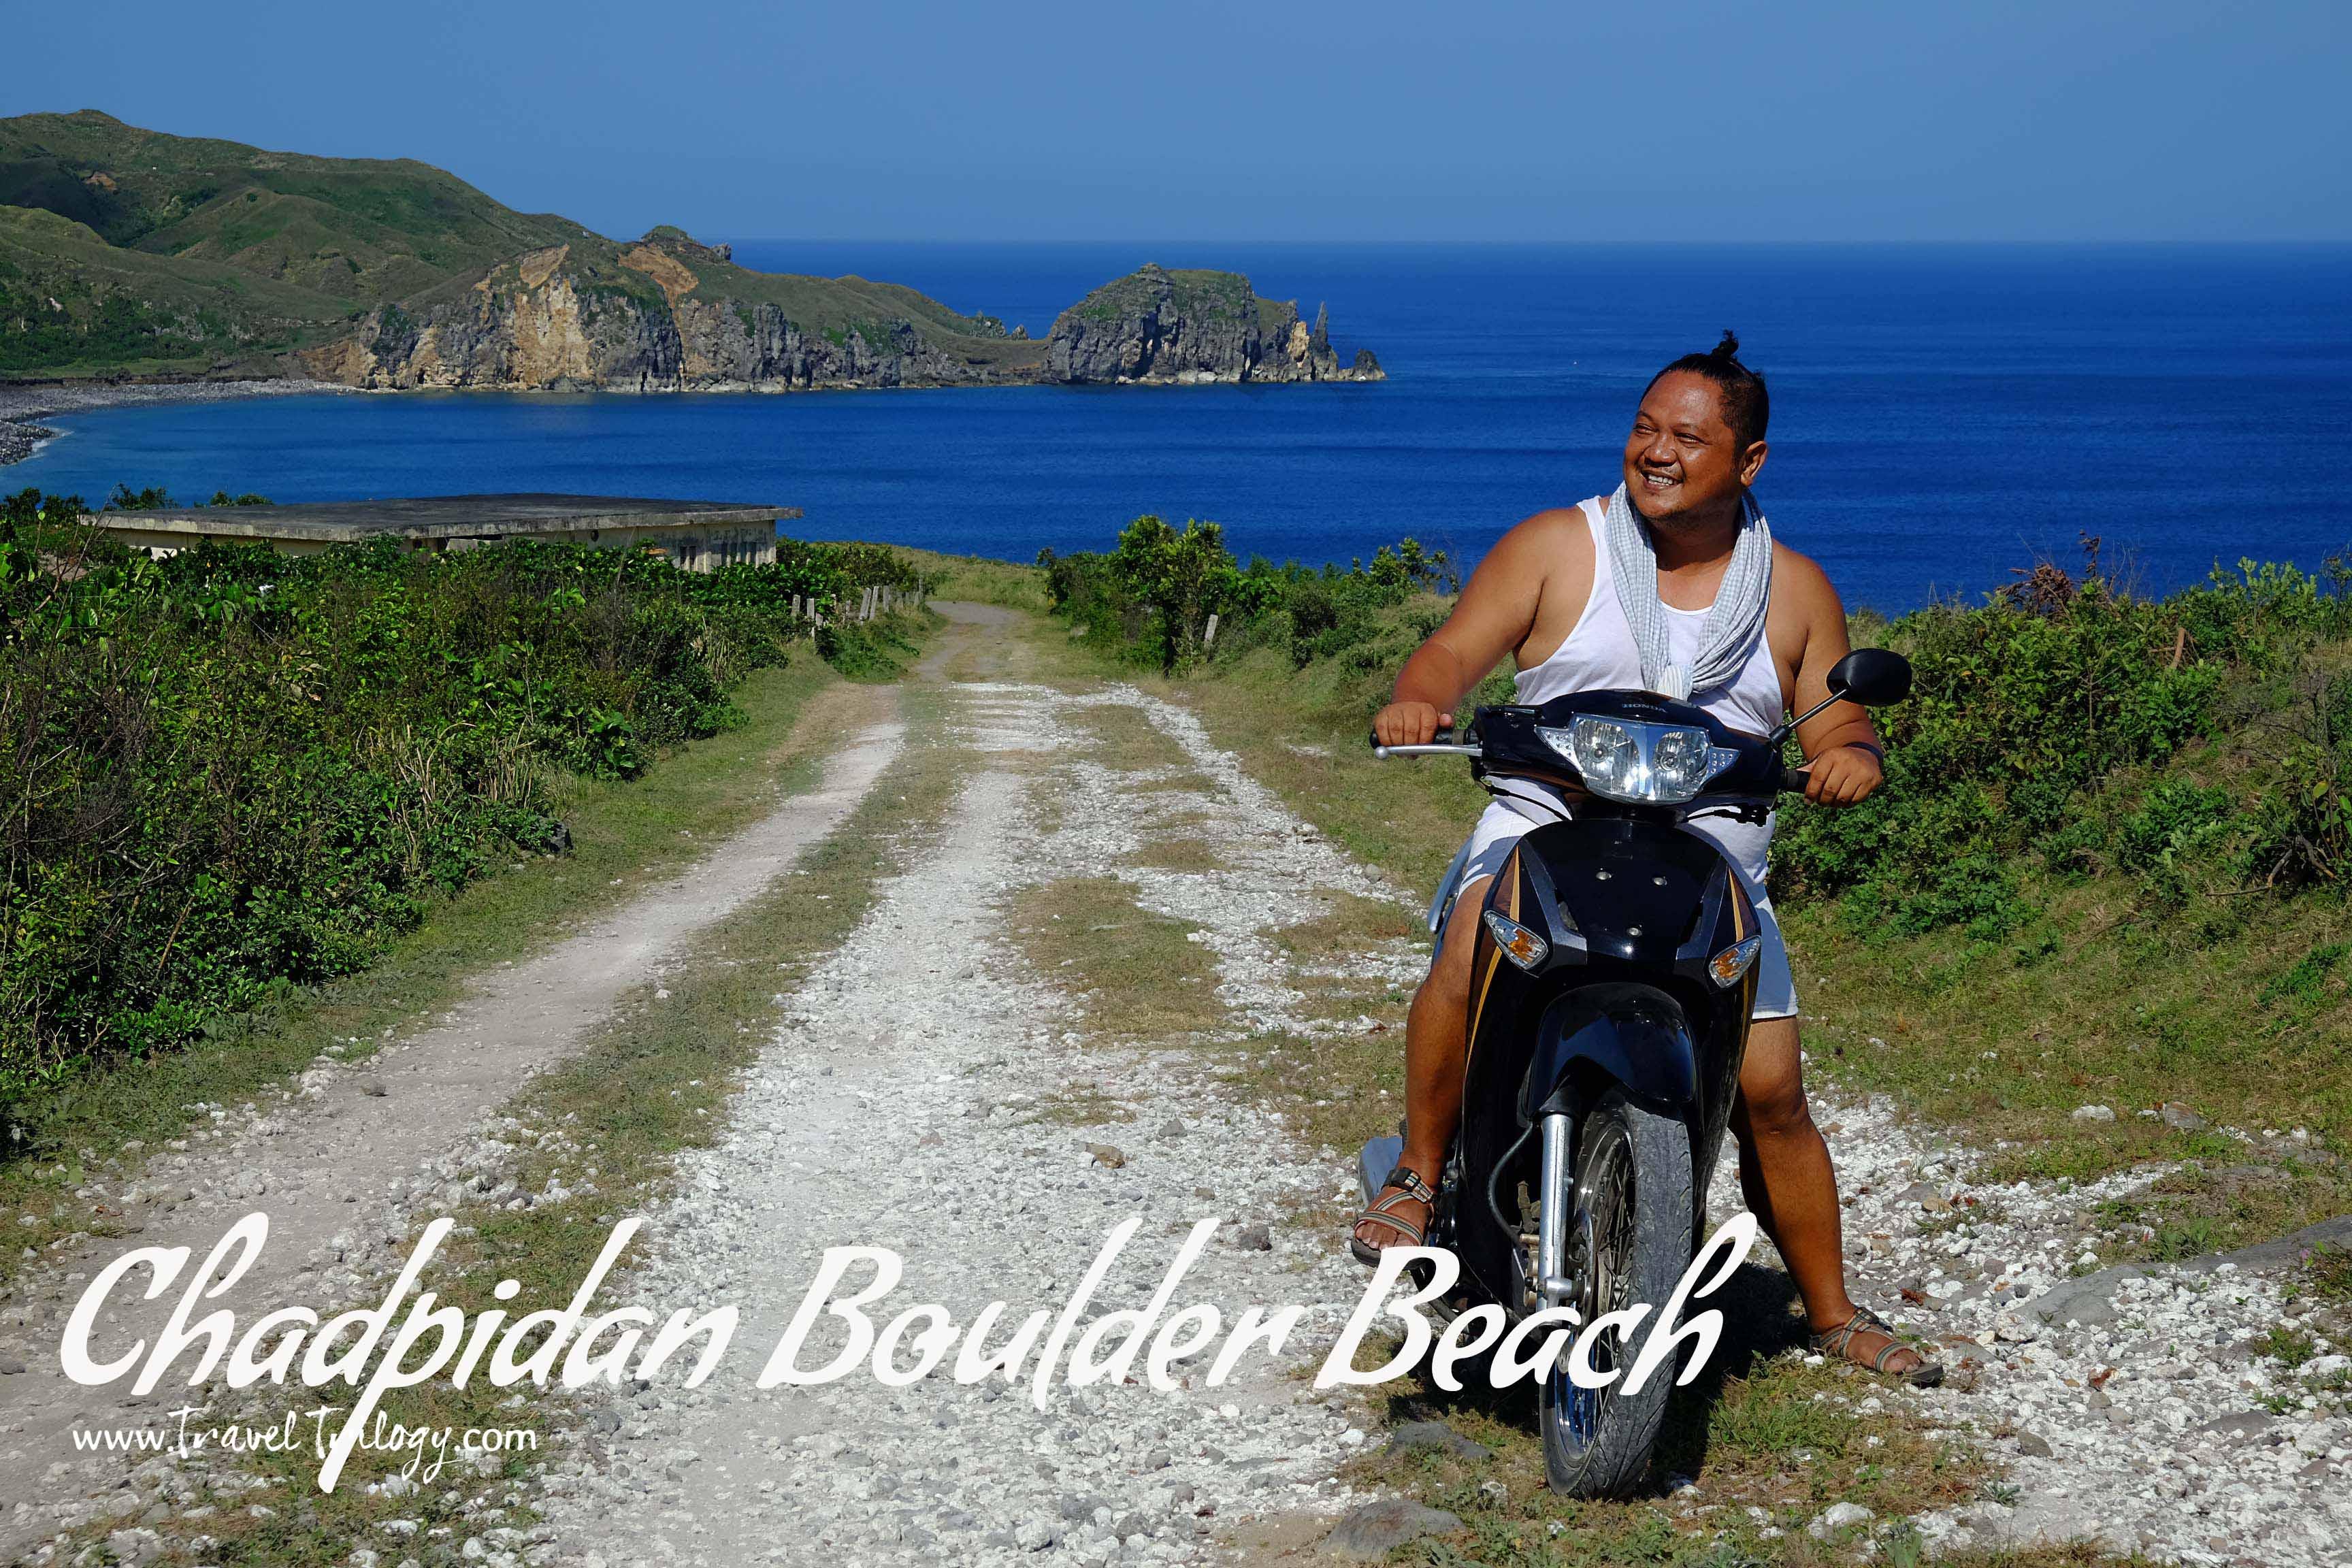 batanes chadpidan beach